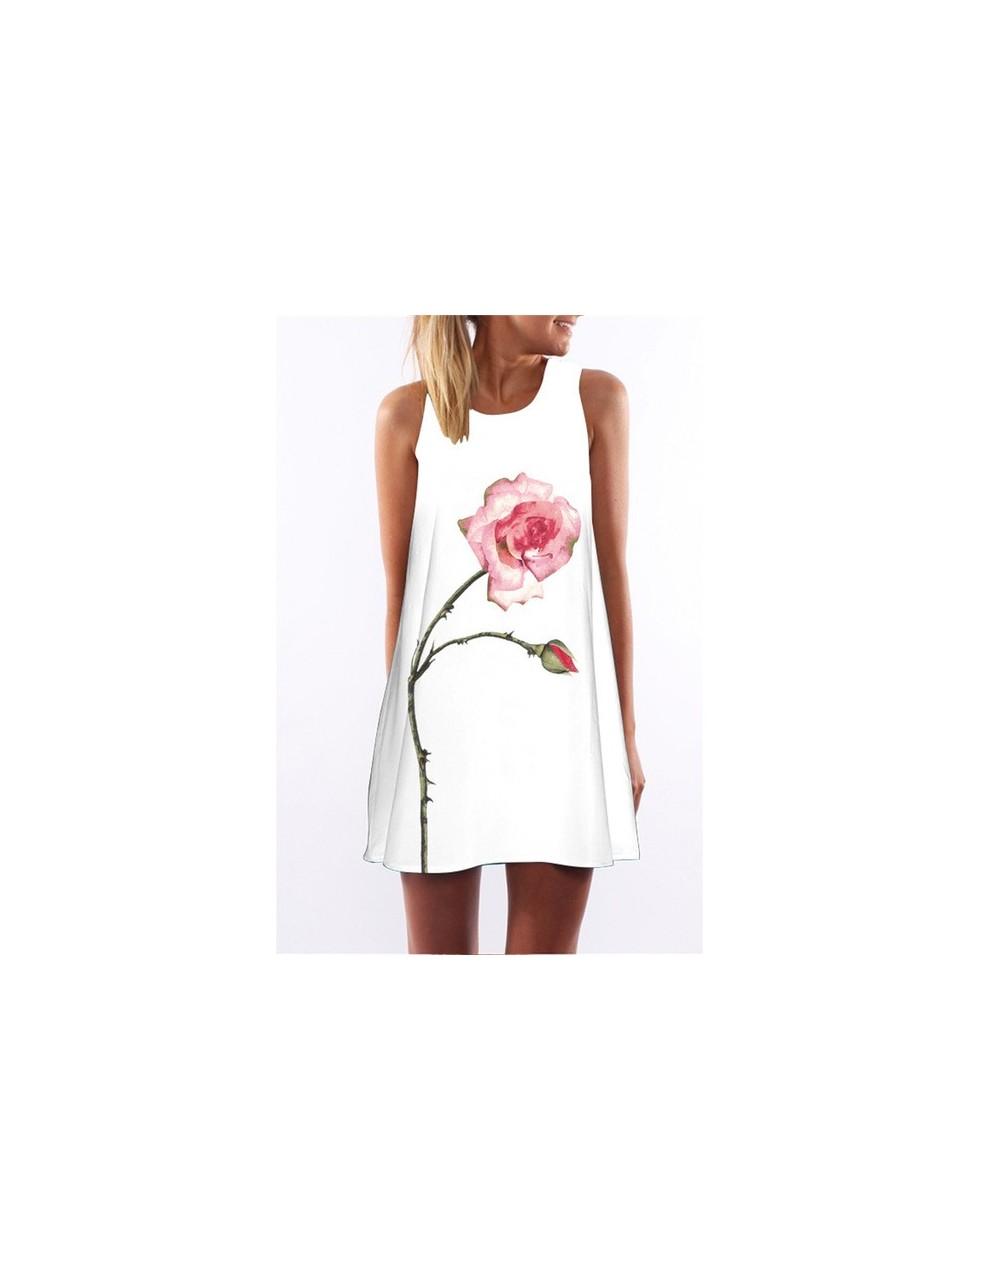 Summer Vintage Dress Women O Neck Loose Causal Beach Wear Above Knee A-line Dress Vest Dress Vestidos 2019 - DS0021 - 4G4125...